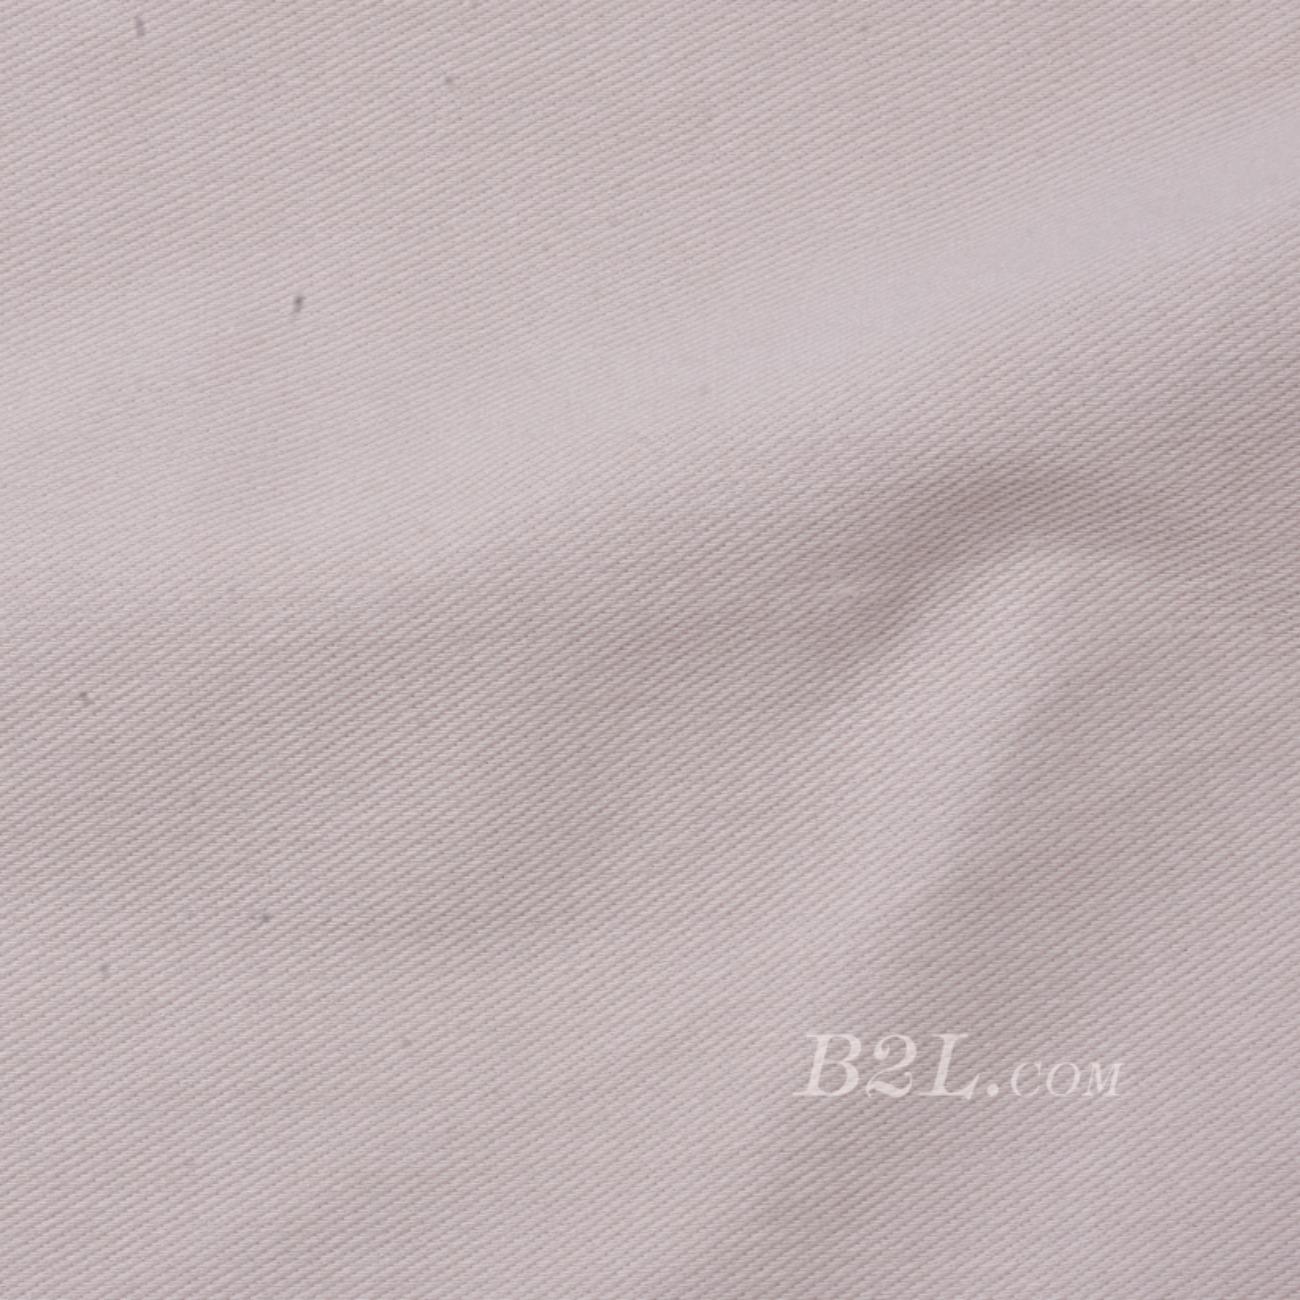 素色 針織 染色 斜紋 春秋 衛衣 外套 91123-7